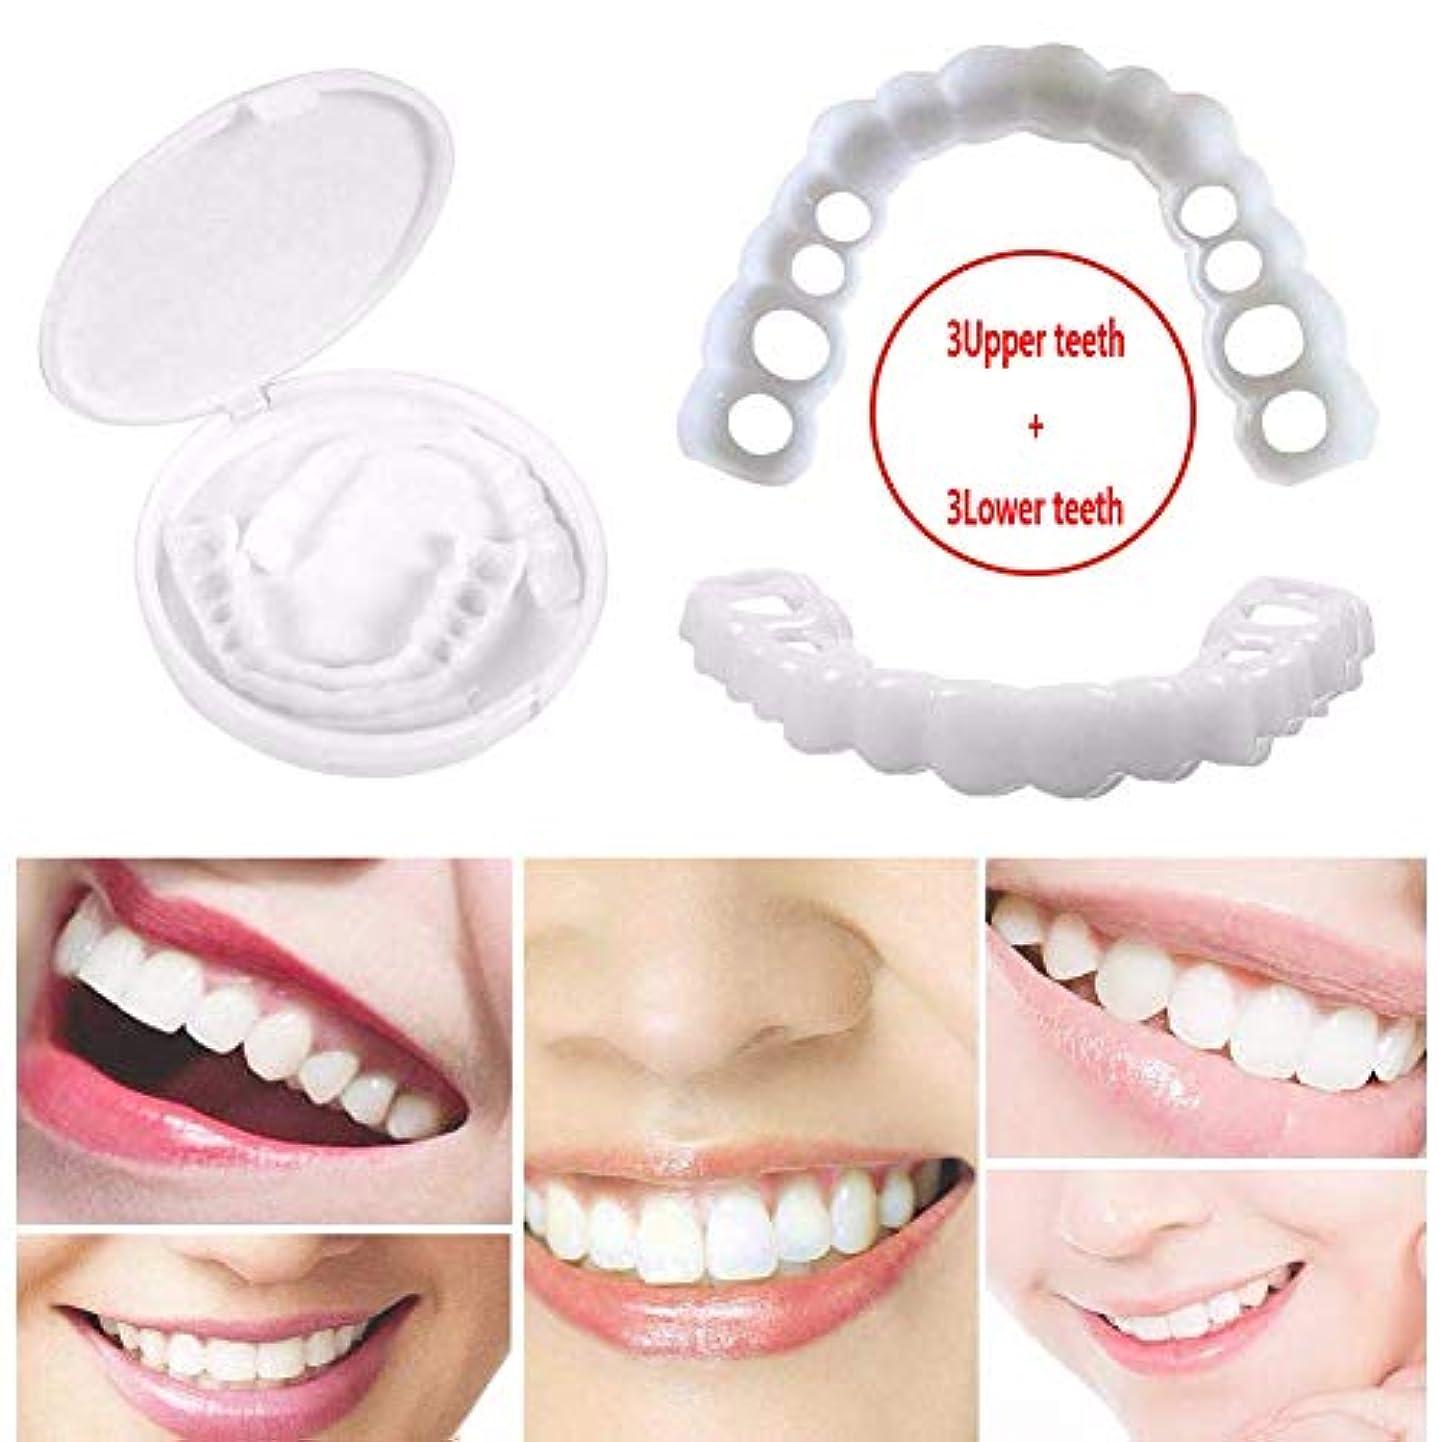 3組の一時的な歯の白くなること、一時的な化粧品の歯の義歯の化粧品は収納箱が付いているブレースを模倣しました,3upperteeth+3lowerteeth